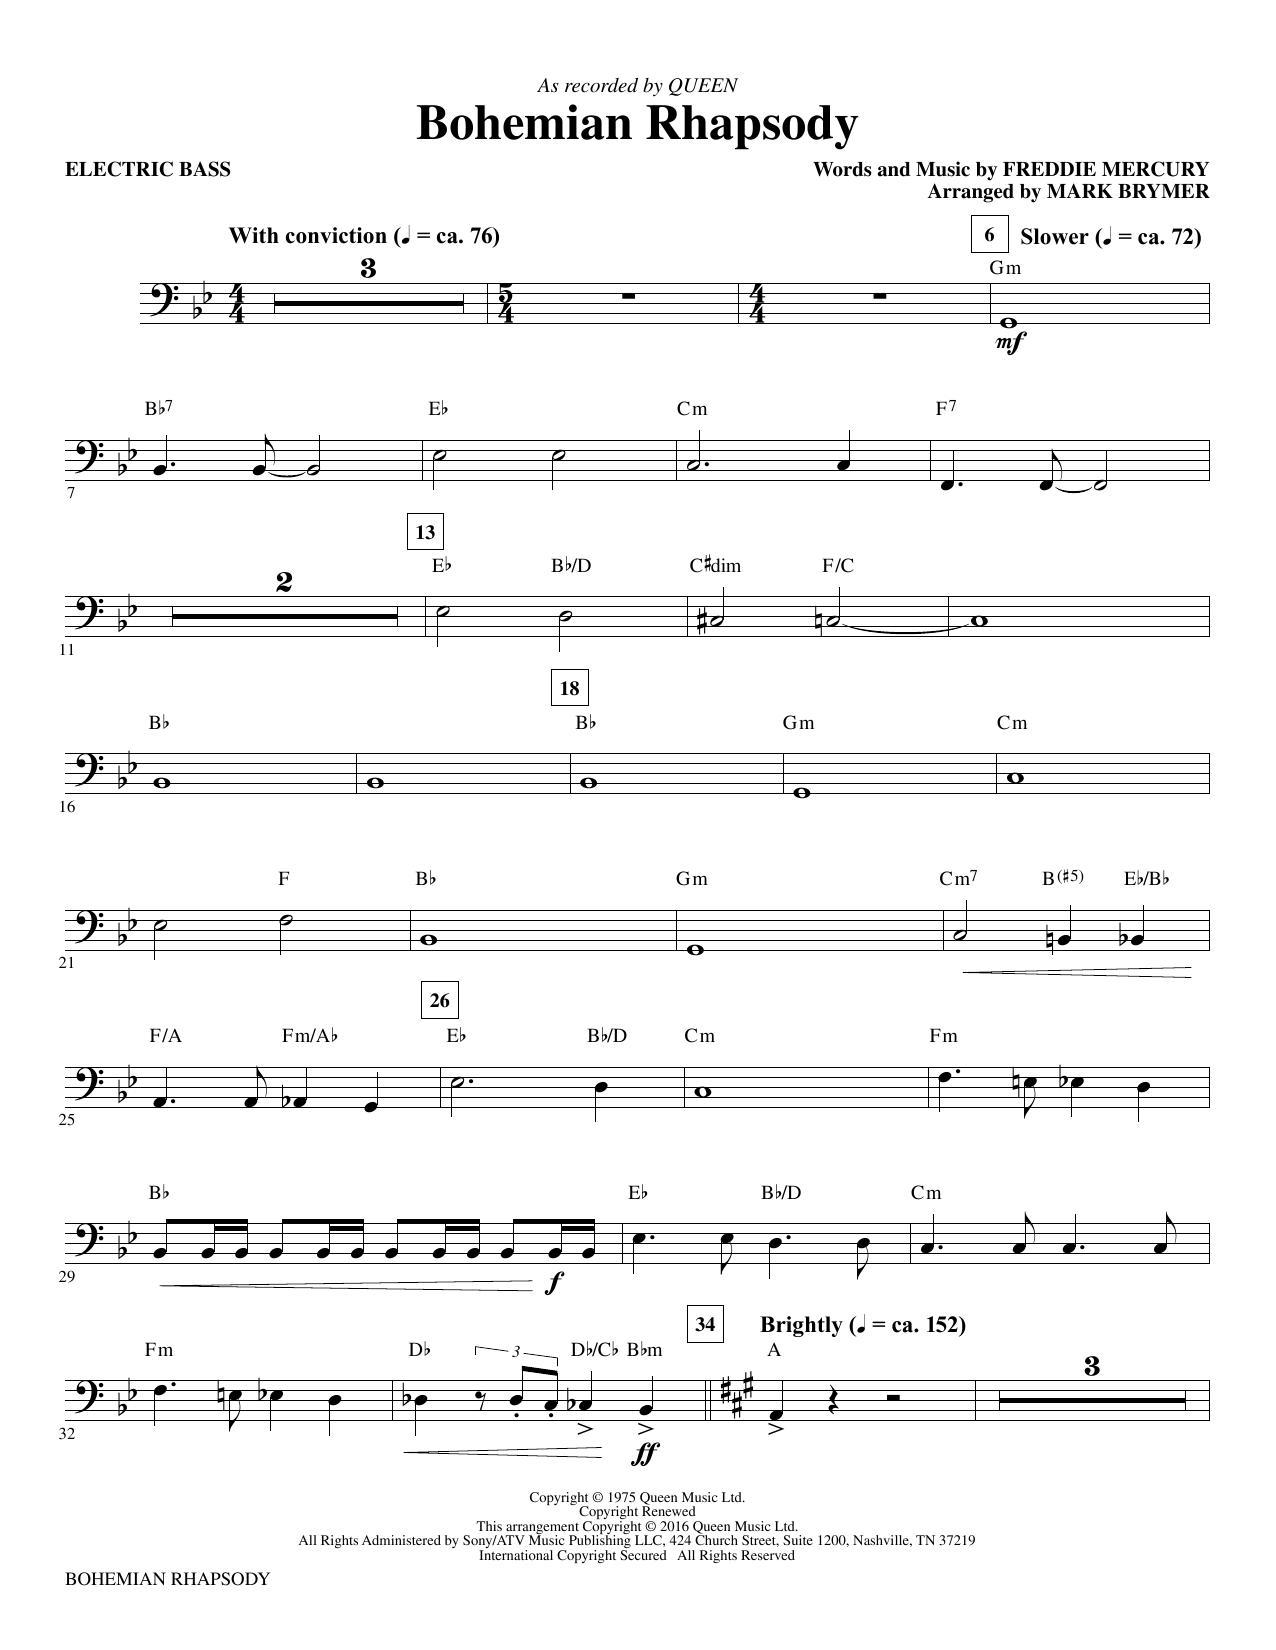 Queen - Bohemian Rhapsody - Electric Bass